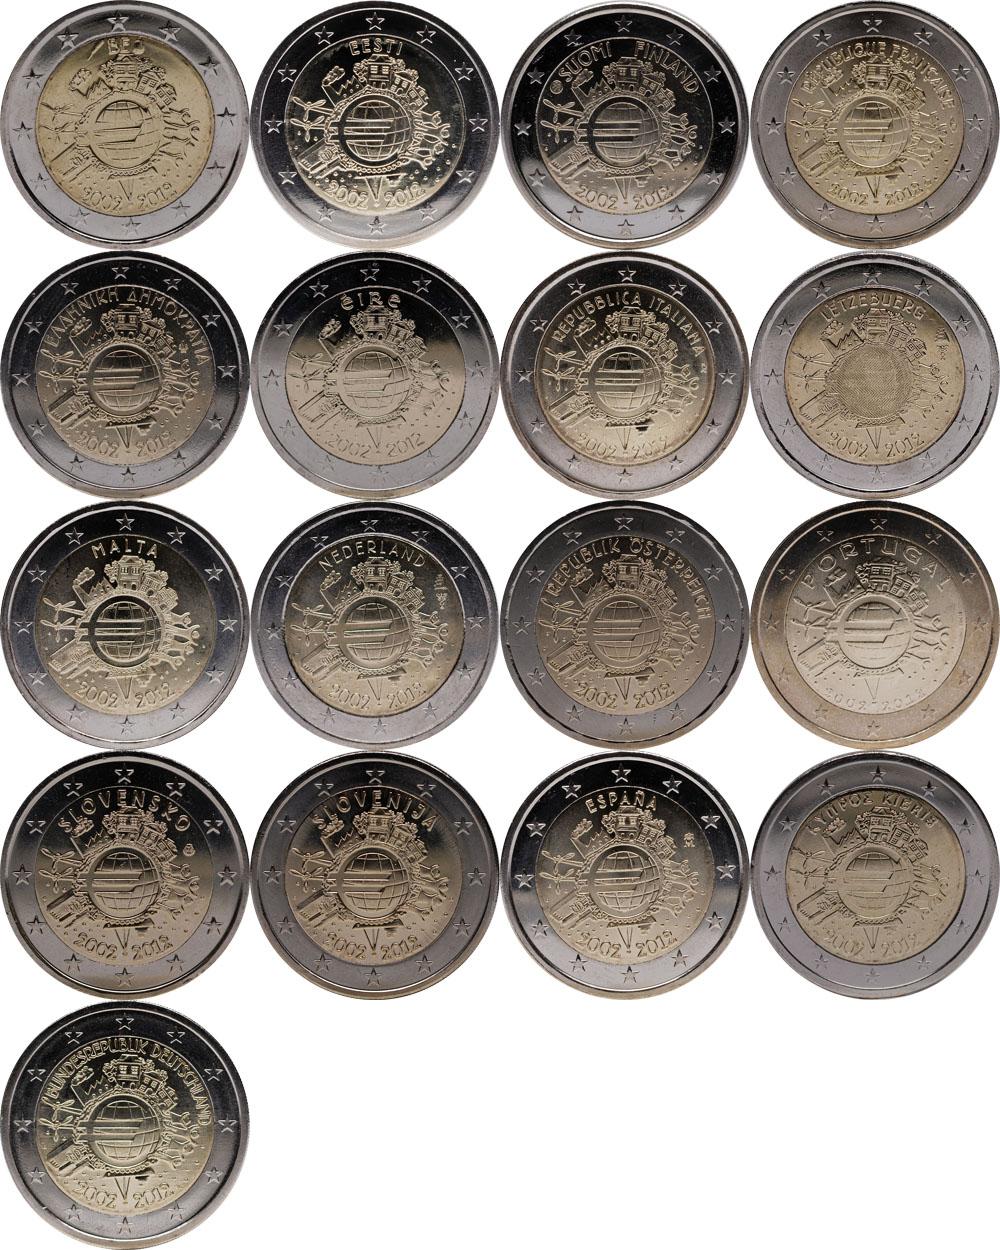 International : 2 Euro 17 x 2 Euro 10 Jahre Euro Bargeld (Belgien, Deutschland, Estland, Finnland, Frankreich, Griechenland, Irland, Italien, Luxemburg, Malta, Niederlande, Österreich, Portugal, Slowakei, Slowenien, Spanien, Zypern)  2012 Stgl.